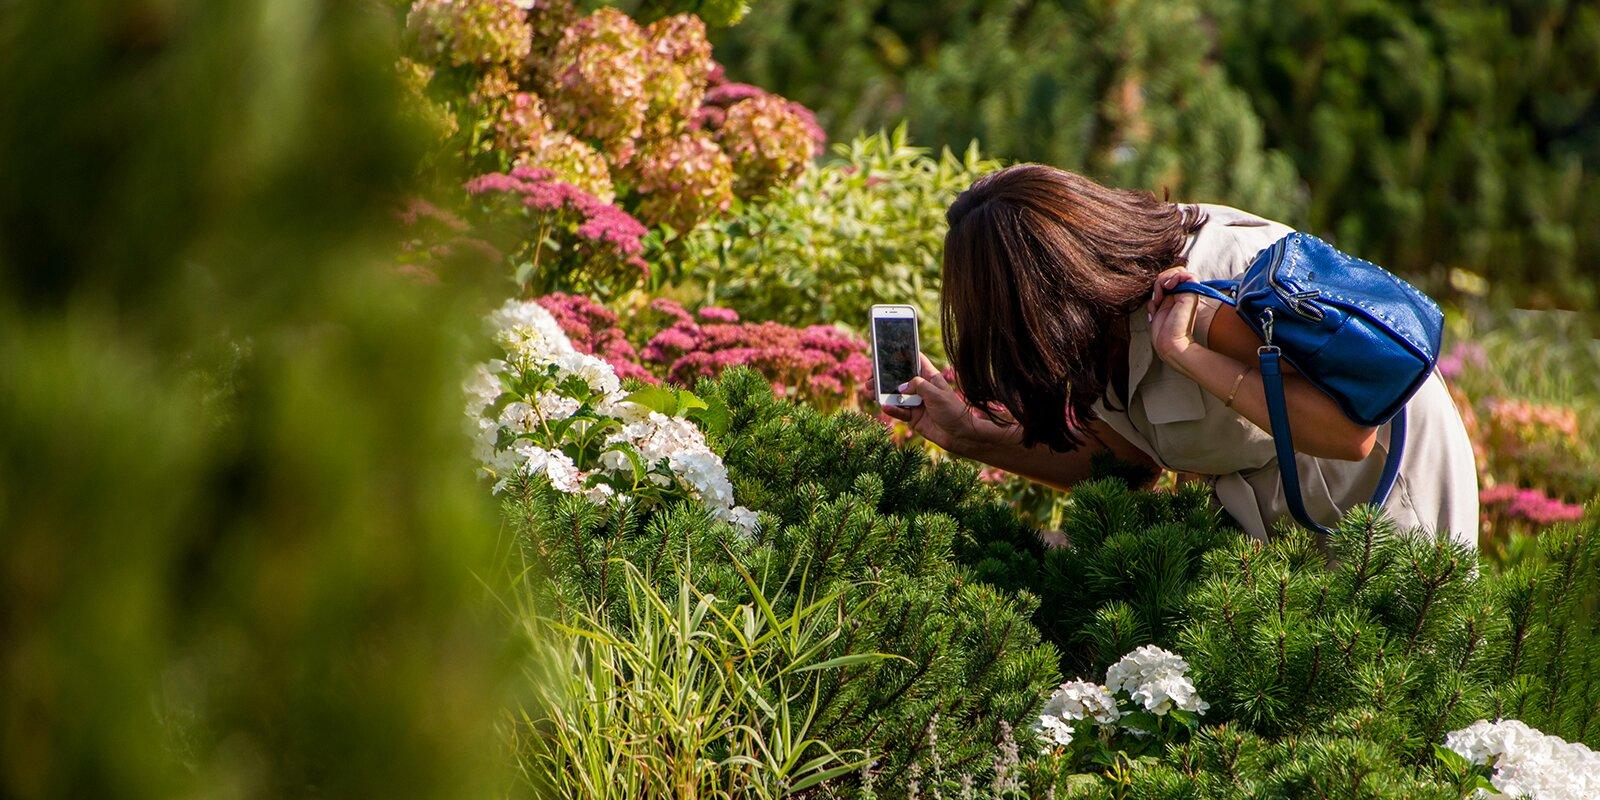 1 сентября в Москве откроется фестиваль Цветочный джем